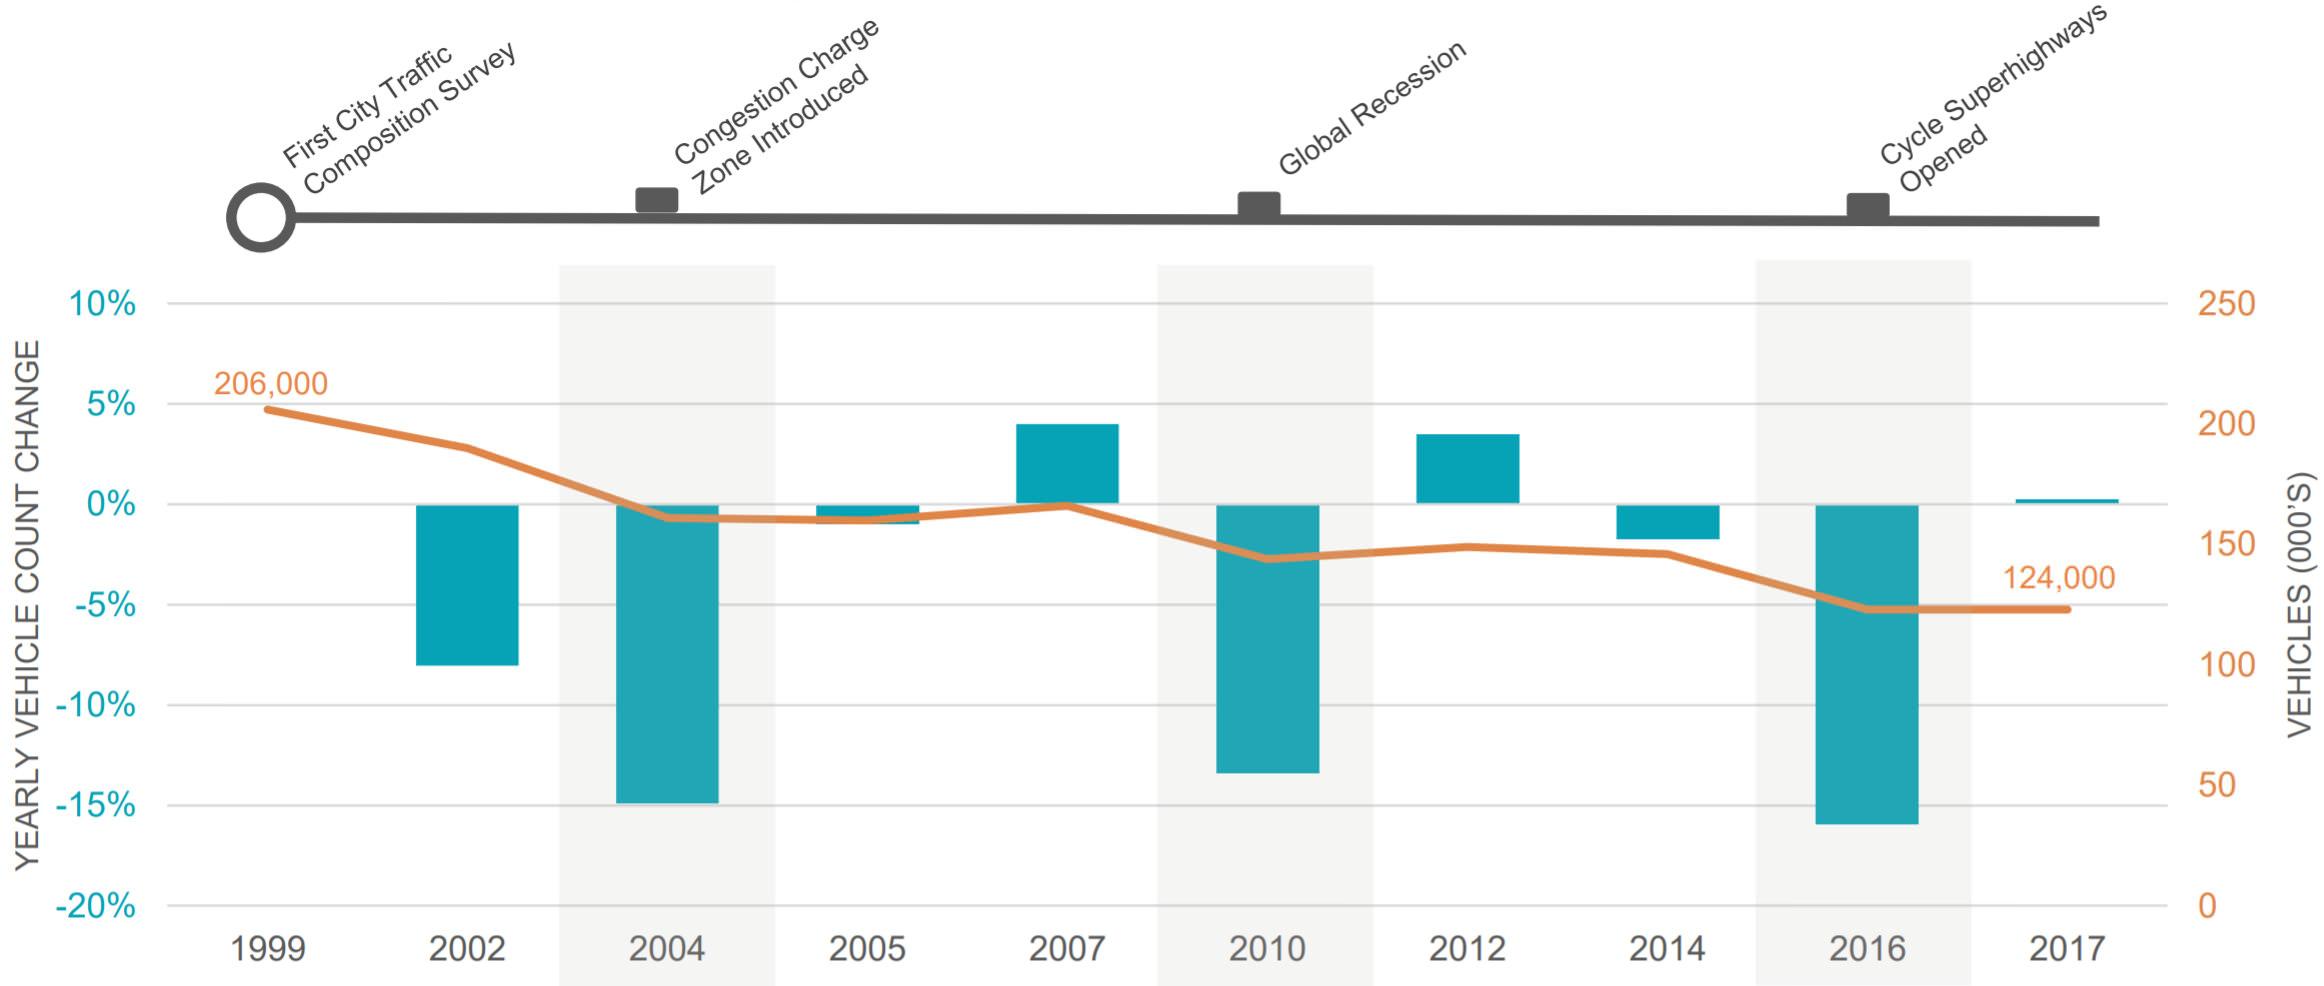 verkehrsmenge City of London 1999 2017 Entwicklung Rückgang Verkehrsaufkommen London Veränderung 1999 bis 2017